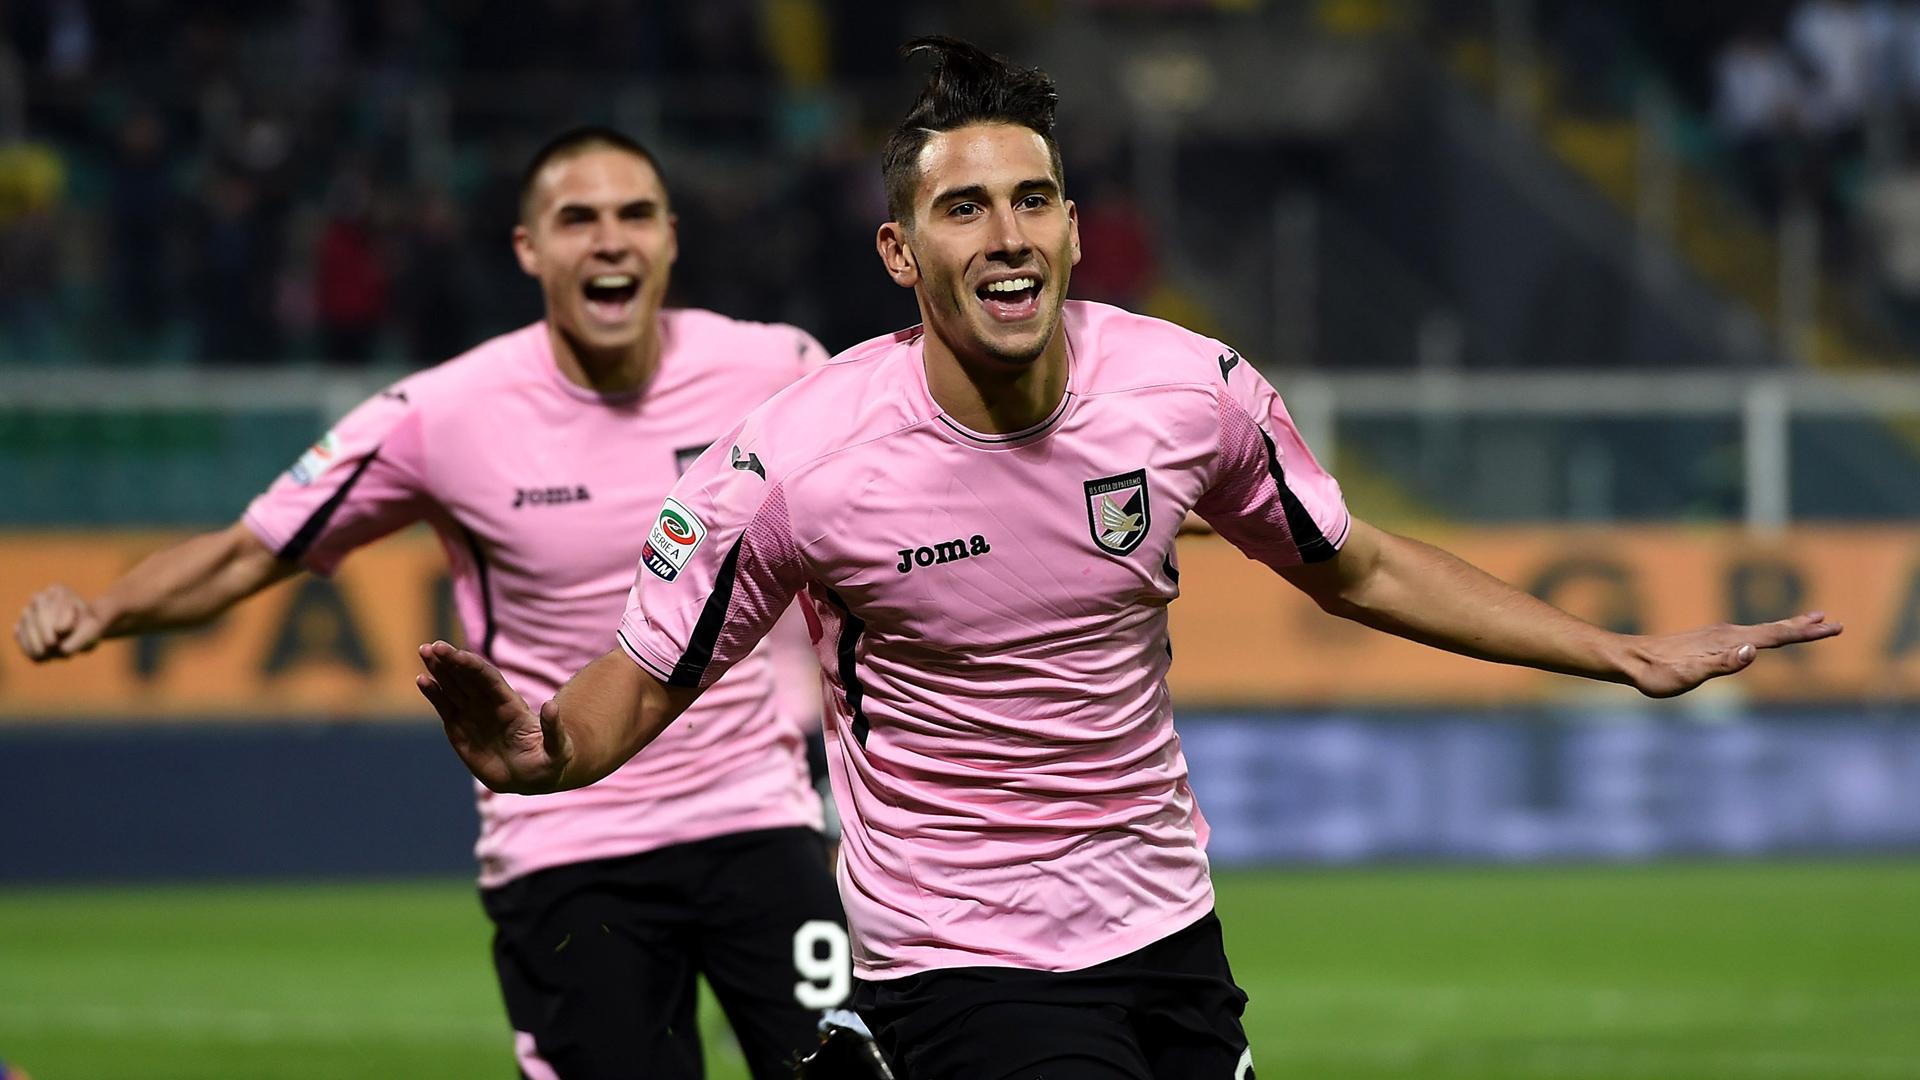 Calciomercato Sassuolo, doppio colpo dal Palermo: ecco Goldaniga e Marson